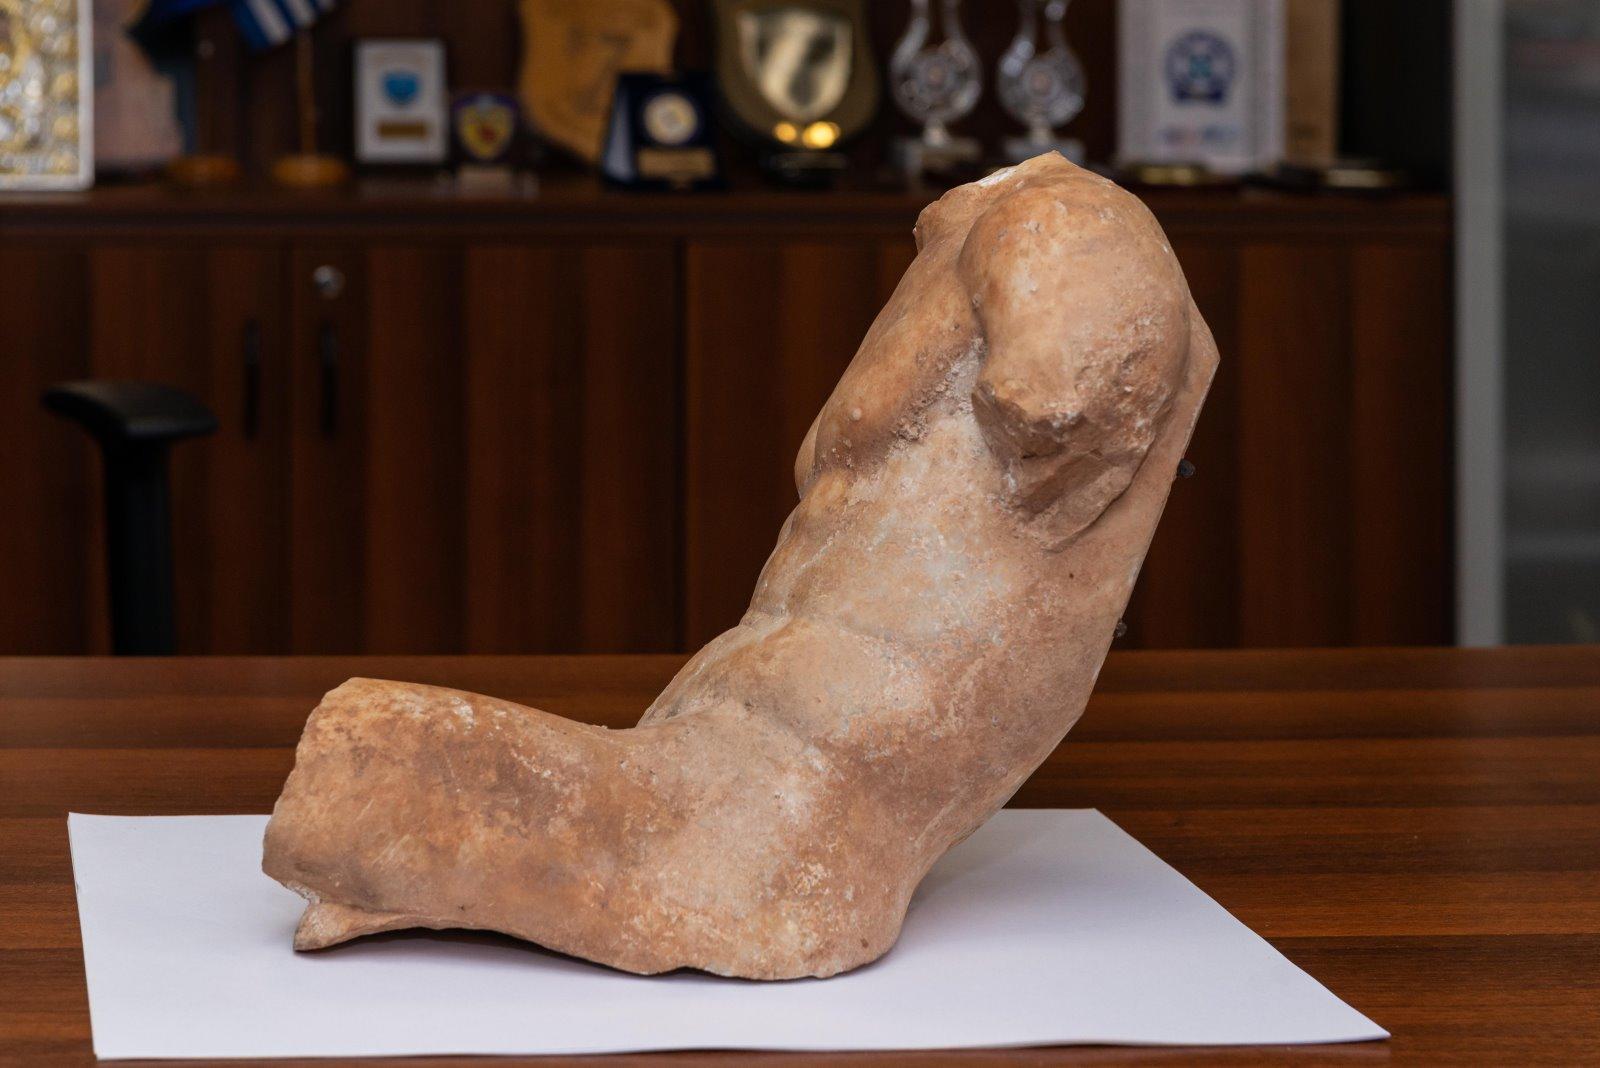 Θα πουλούσε άγαλμα του 5ου π.Χ. αιώνα της Ακρπόπολης αντί 100.000 ευρώ